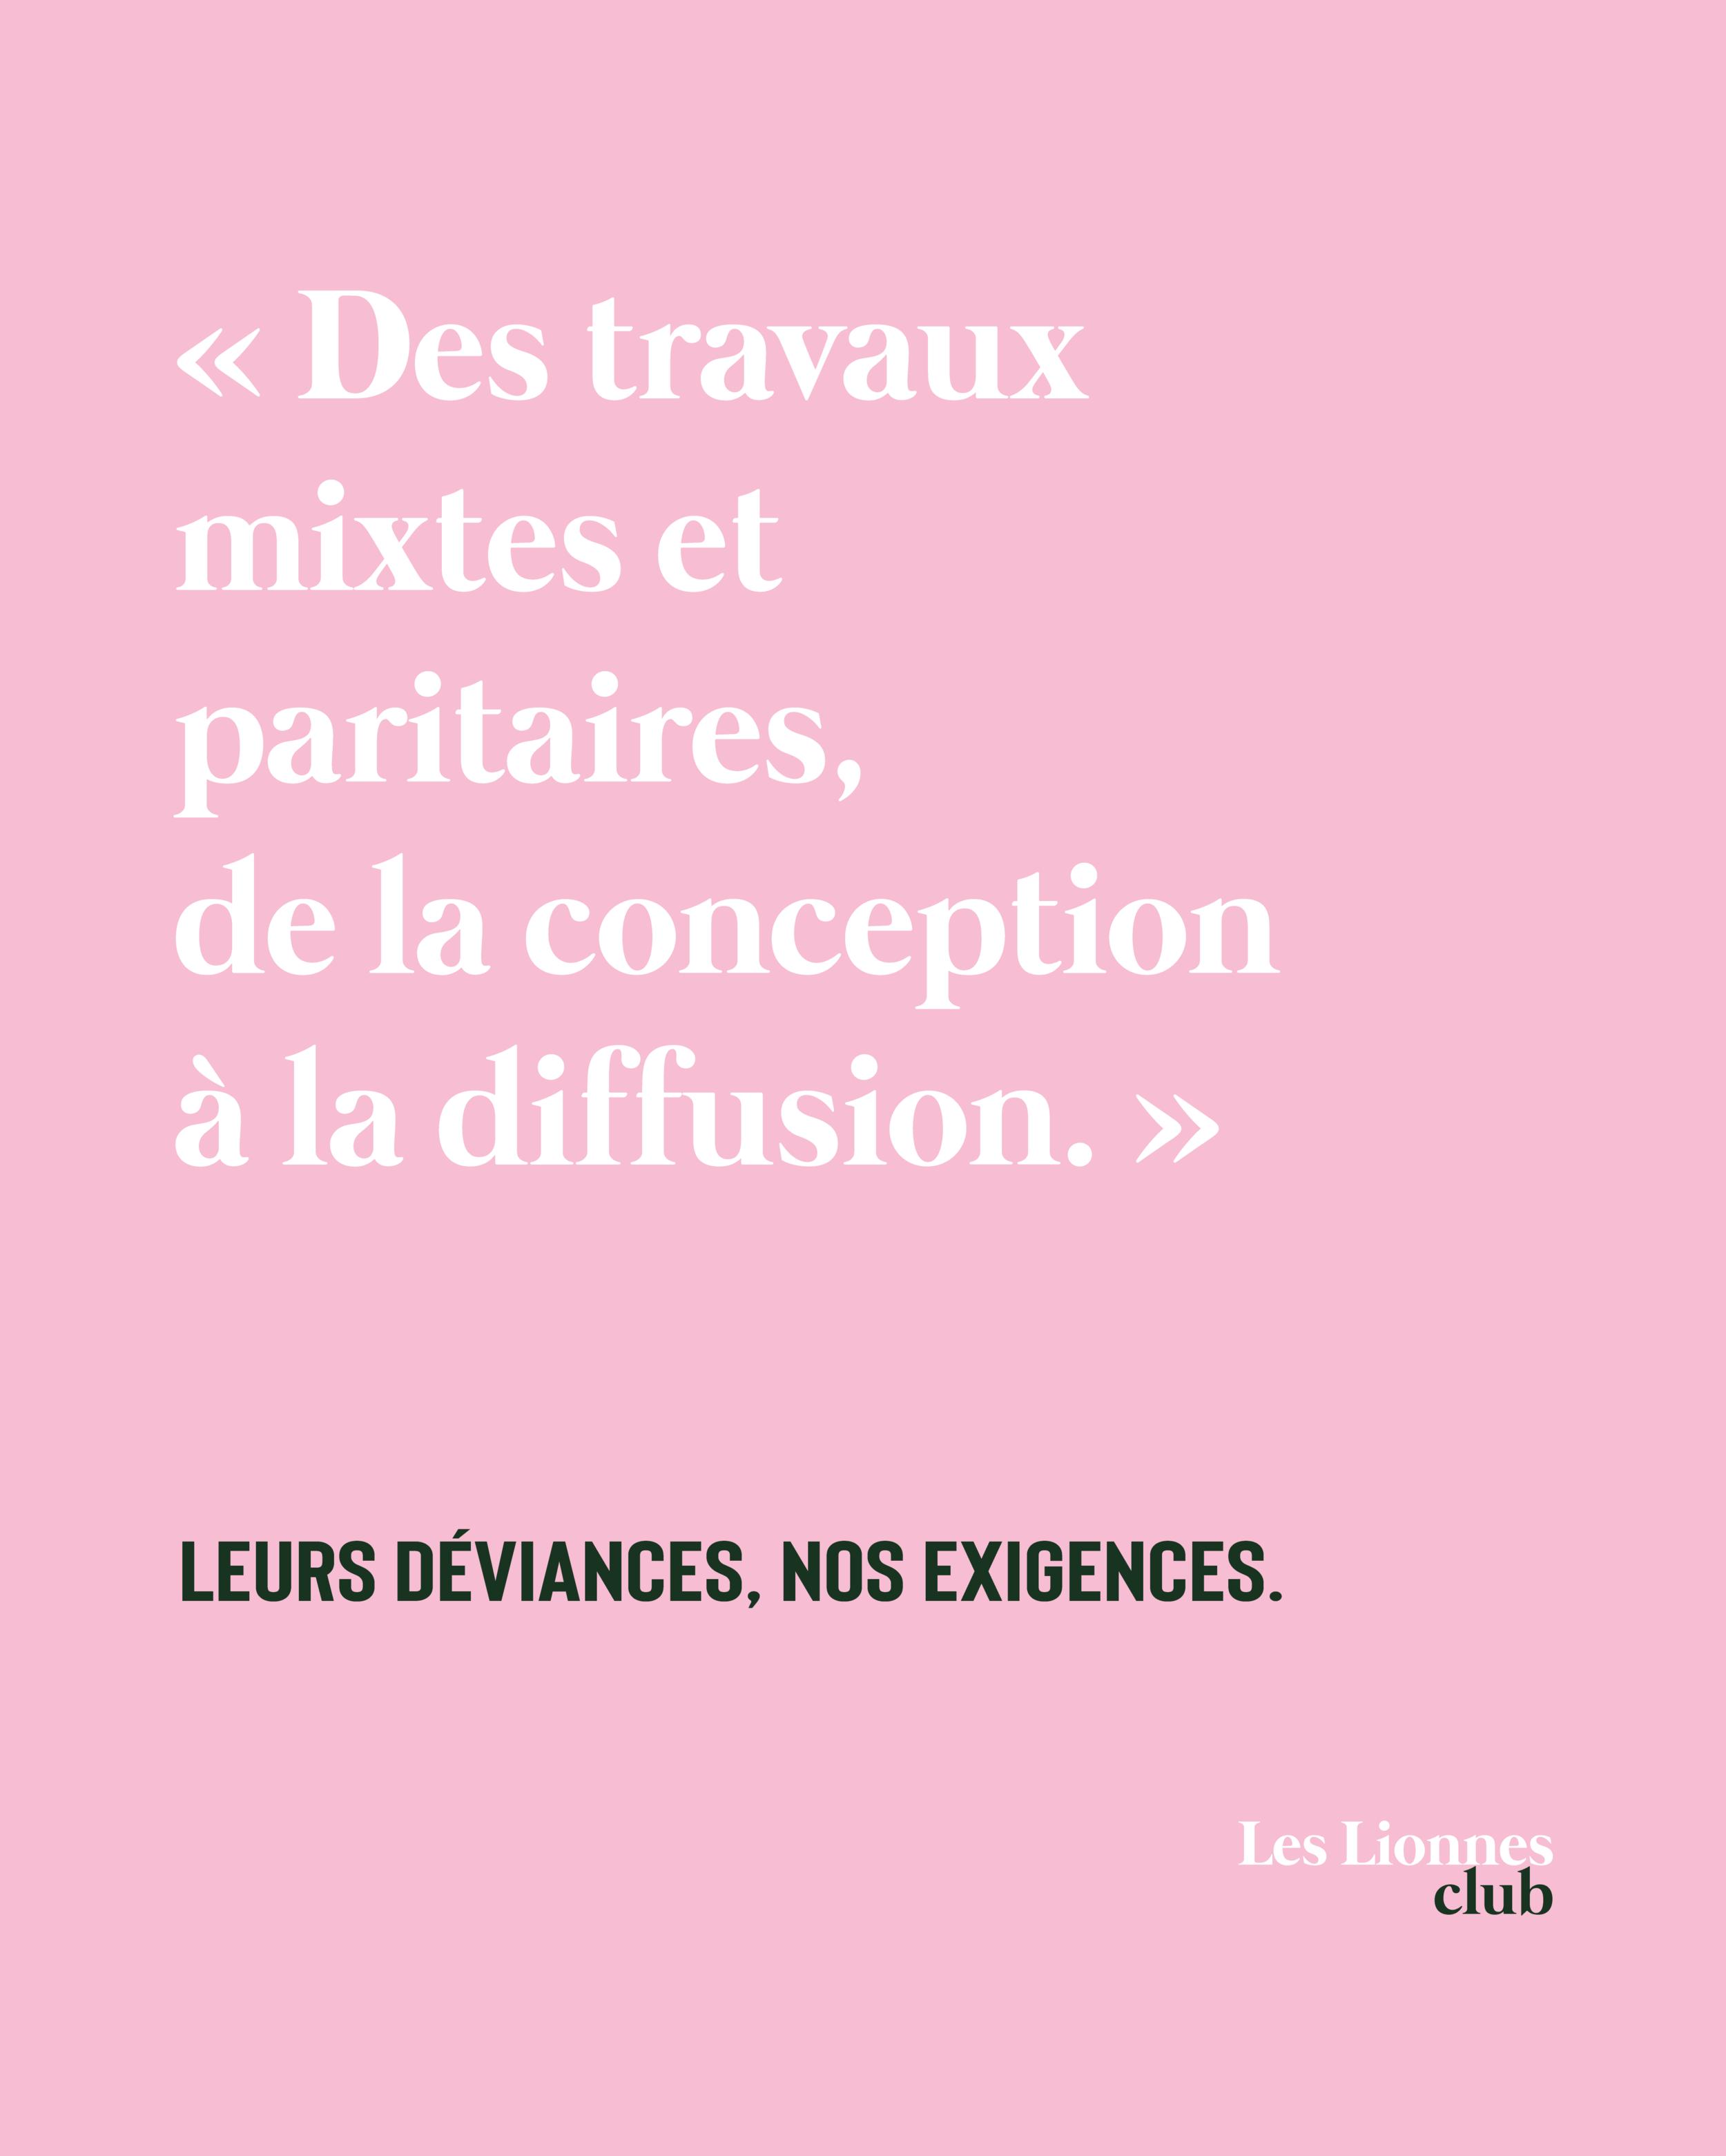 Travaux mixtes_fr INSTA.png